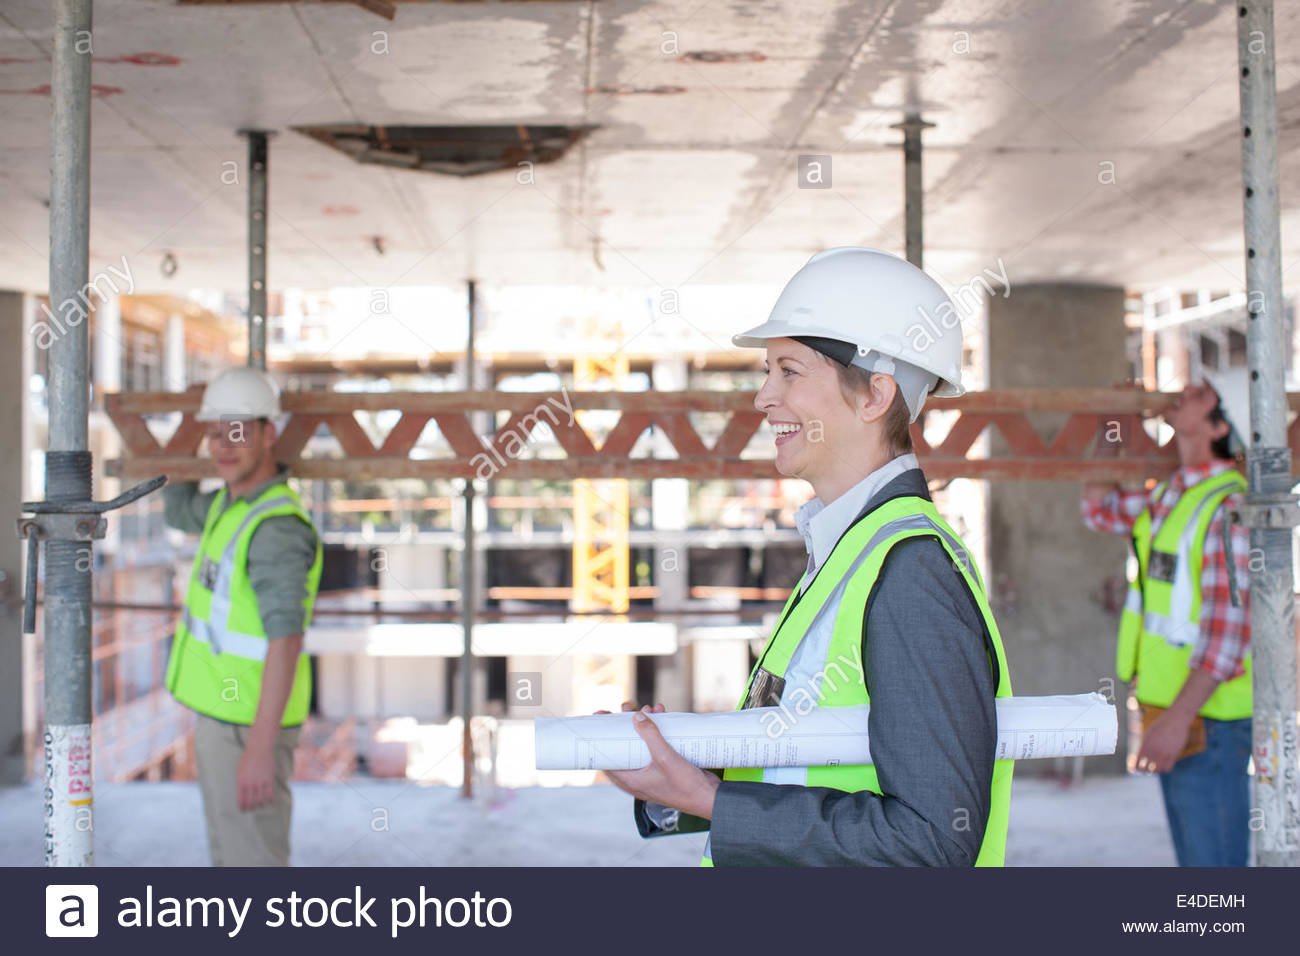 Lavoratore edile che trasportano blueprint sul sito in costruzione Immagini Stock